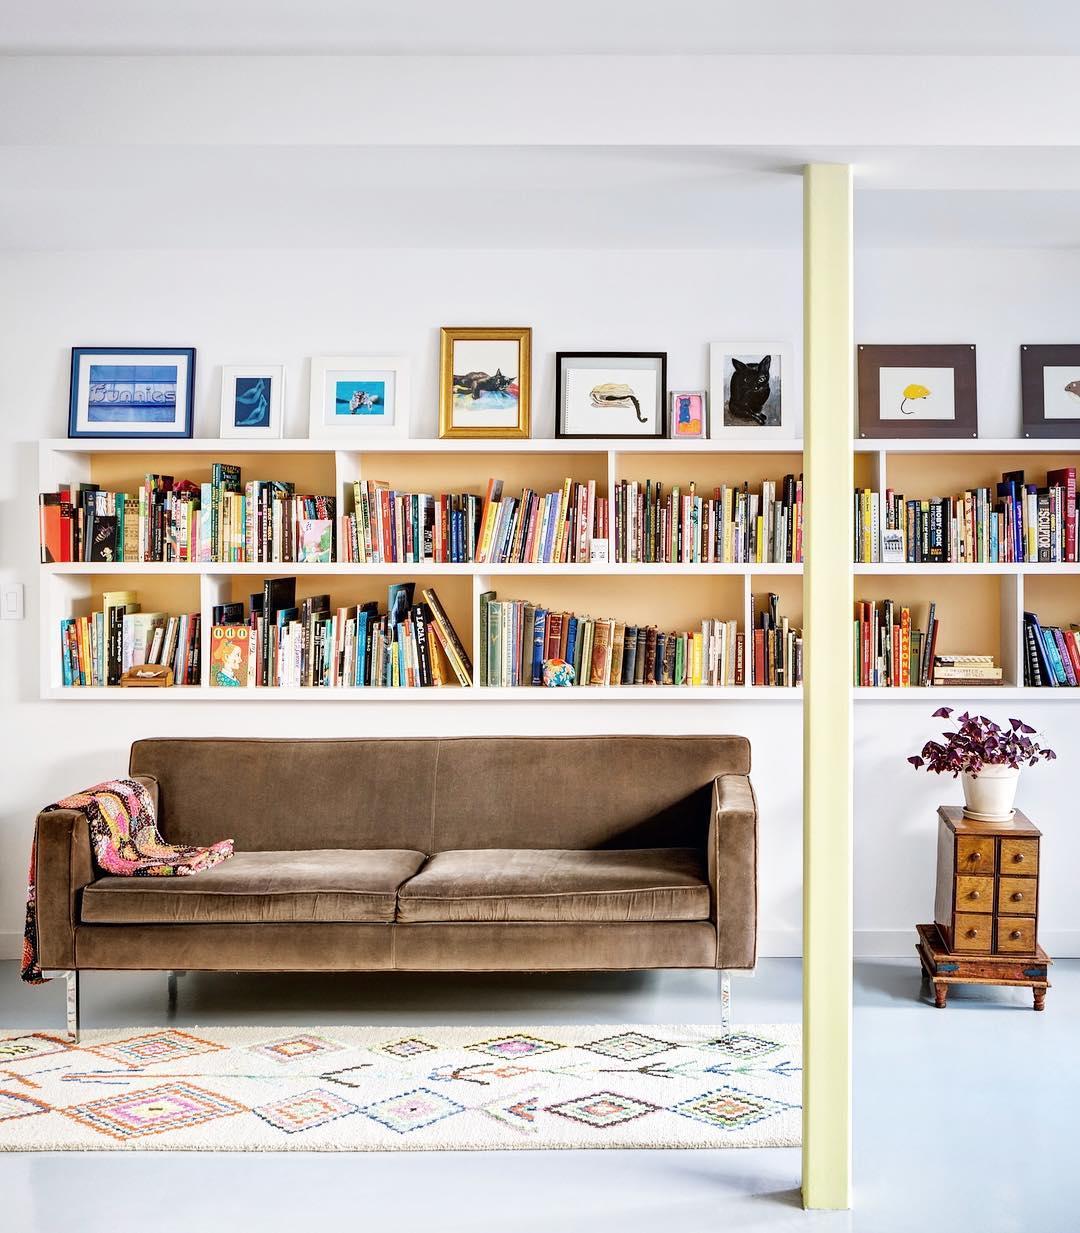 Книги на полках фото